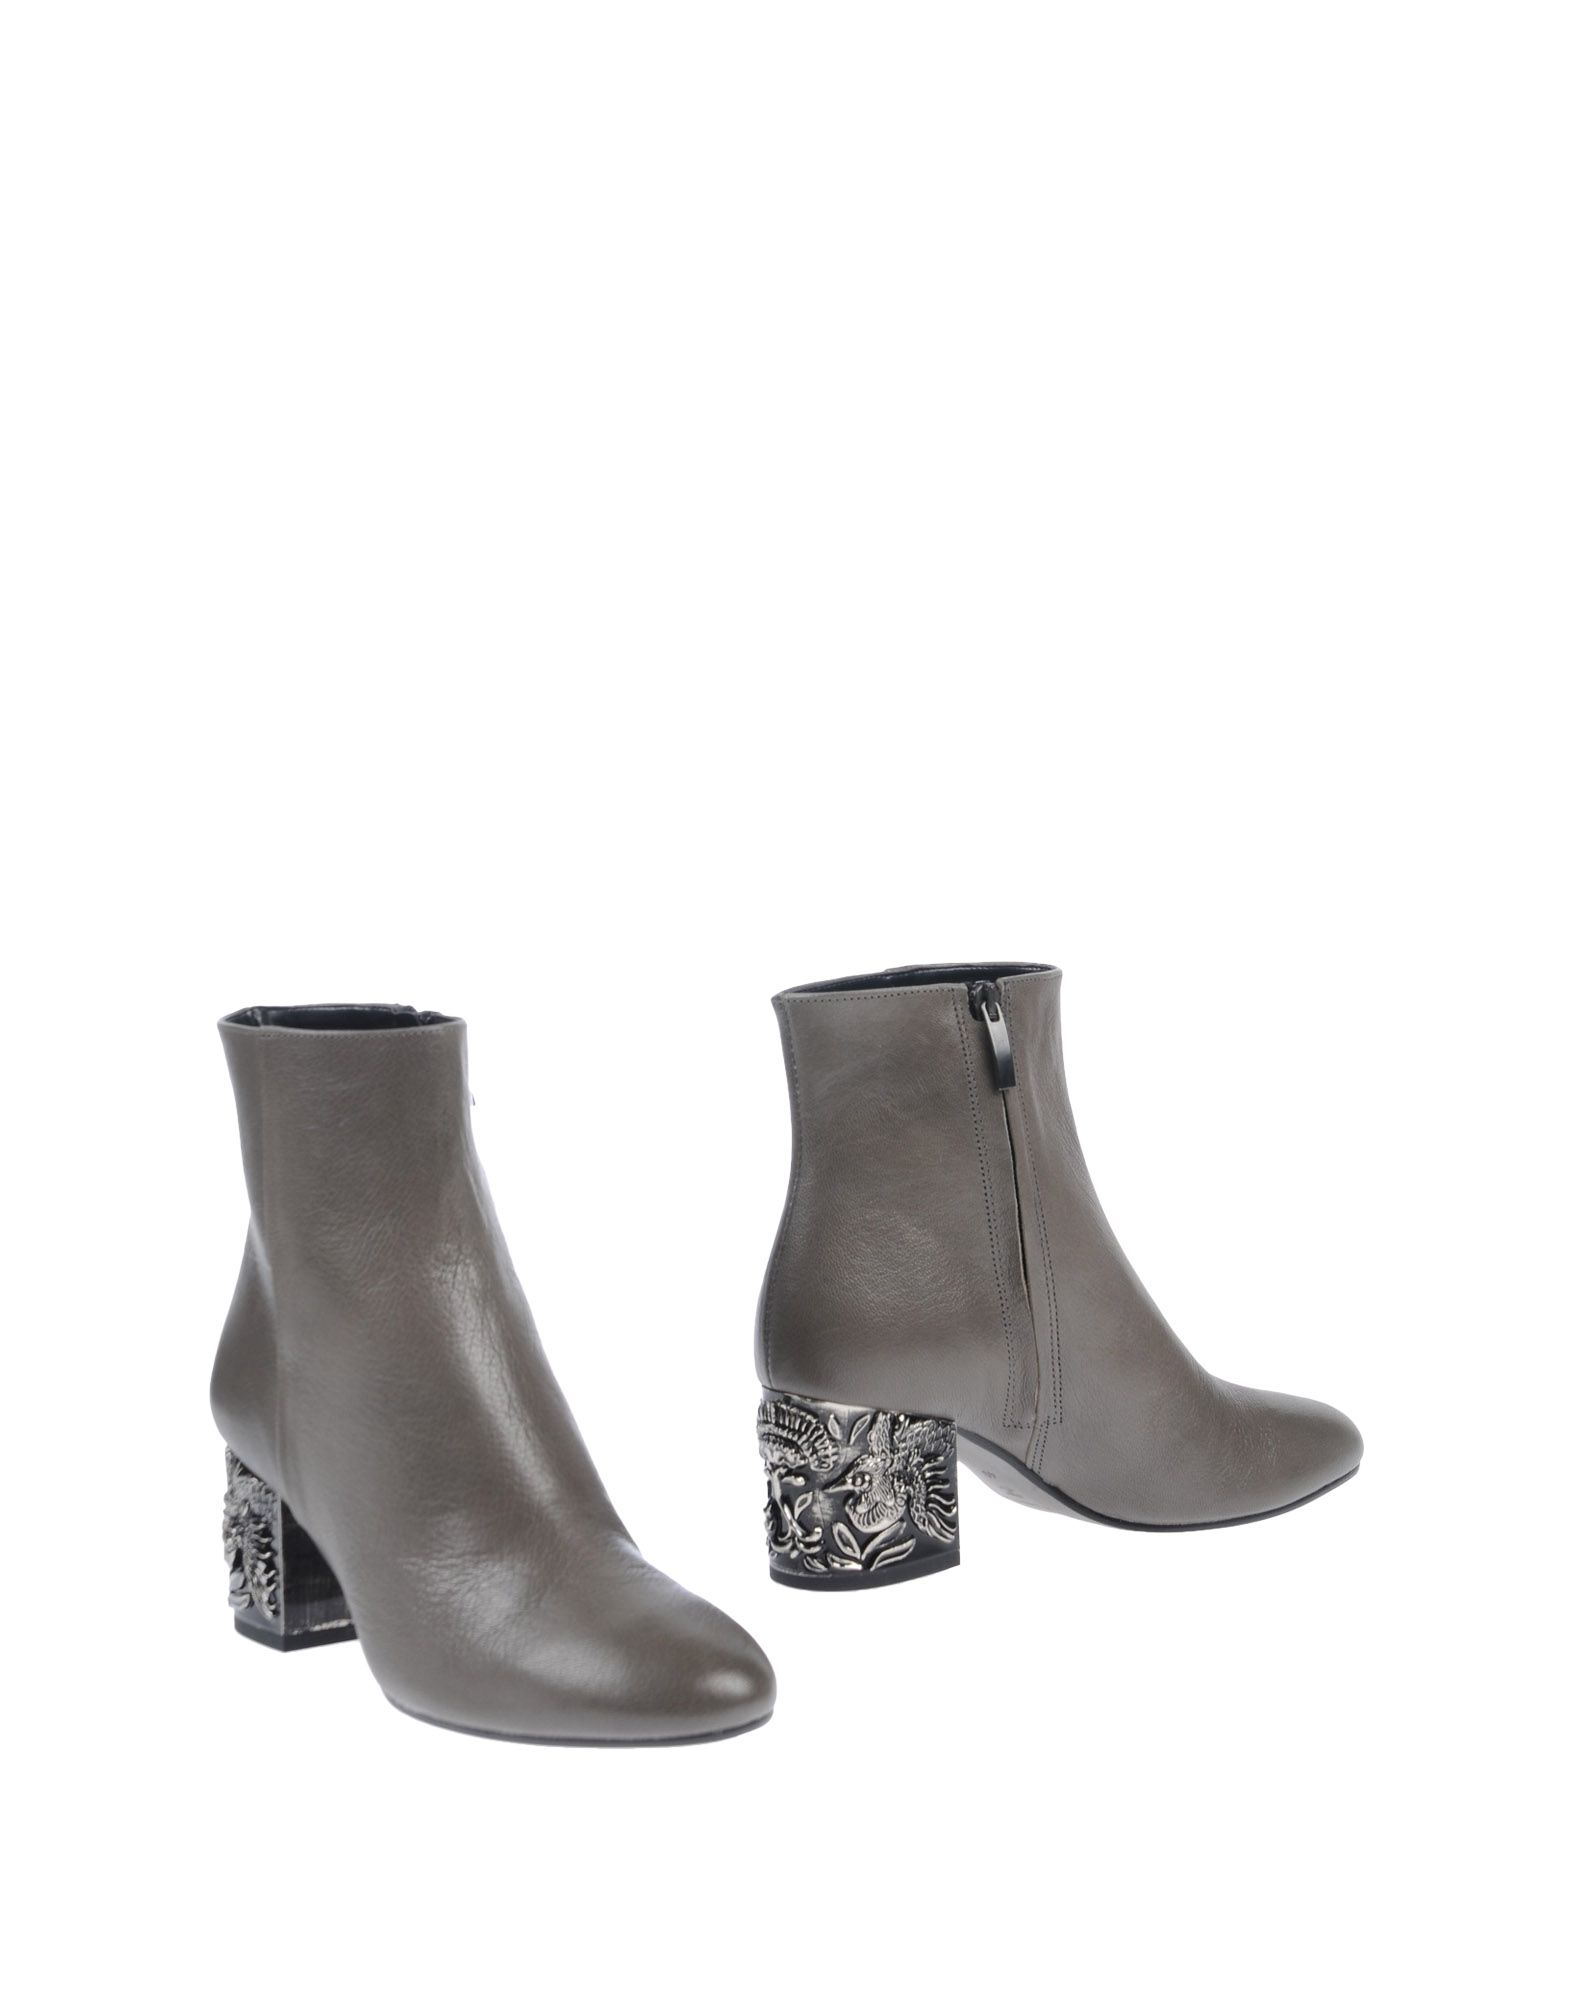 Lorenzo Mari Stiefelette Qualität Damen  11480965RQ Gute Qualität Stiefelette beliebte Schuhe a43160